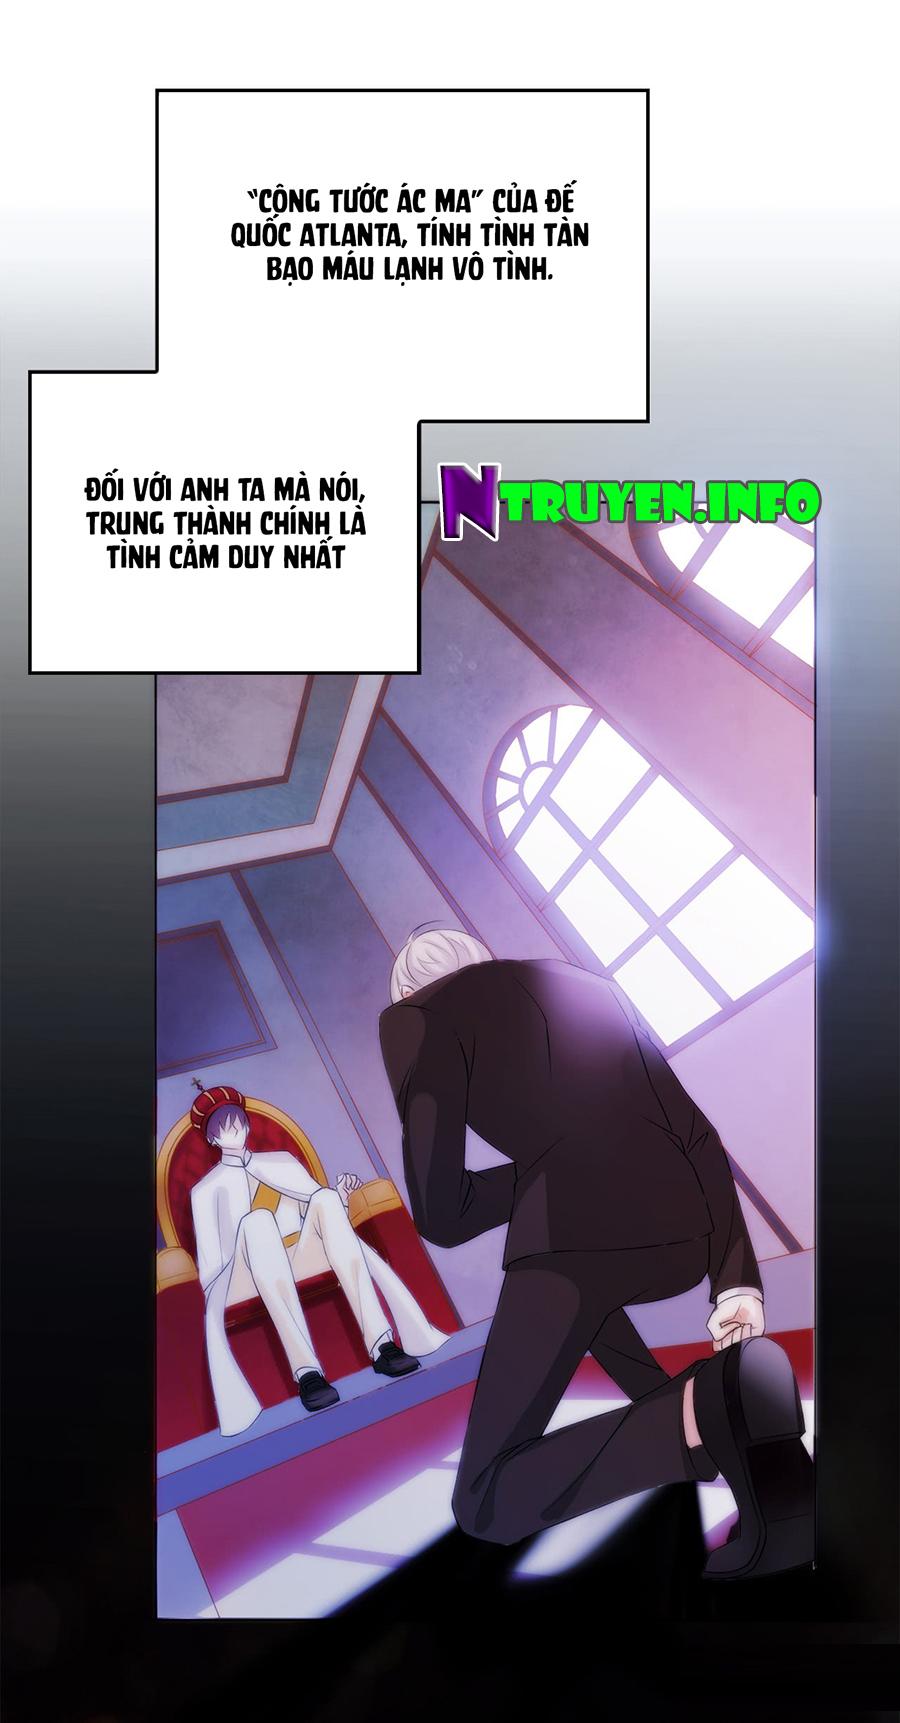 Huynh Khống Công Tước Gả Không Được Chapter 3 - Hamtruyen.vn